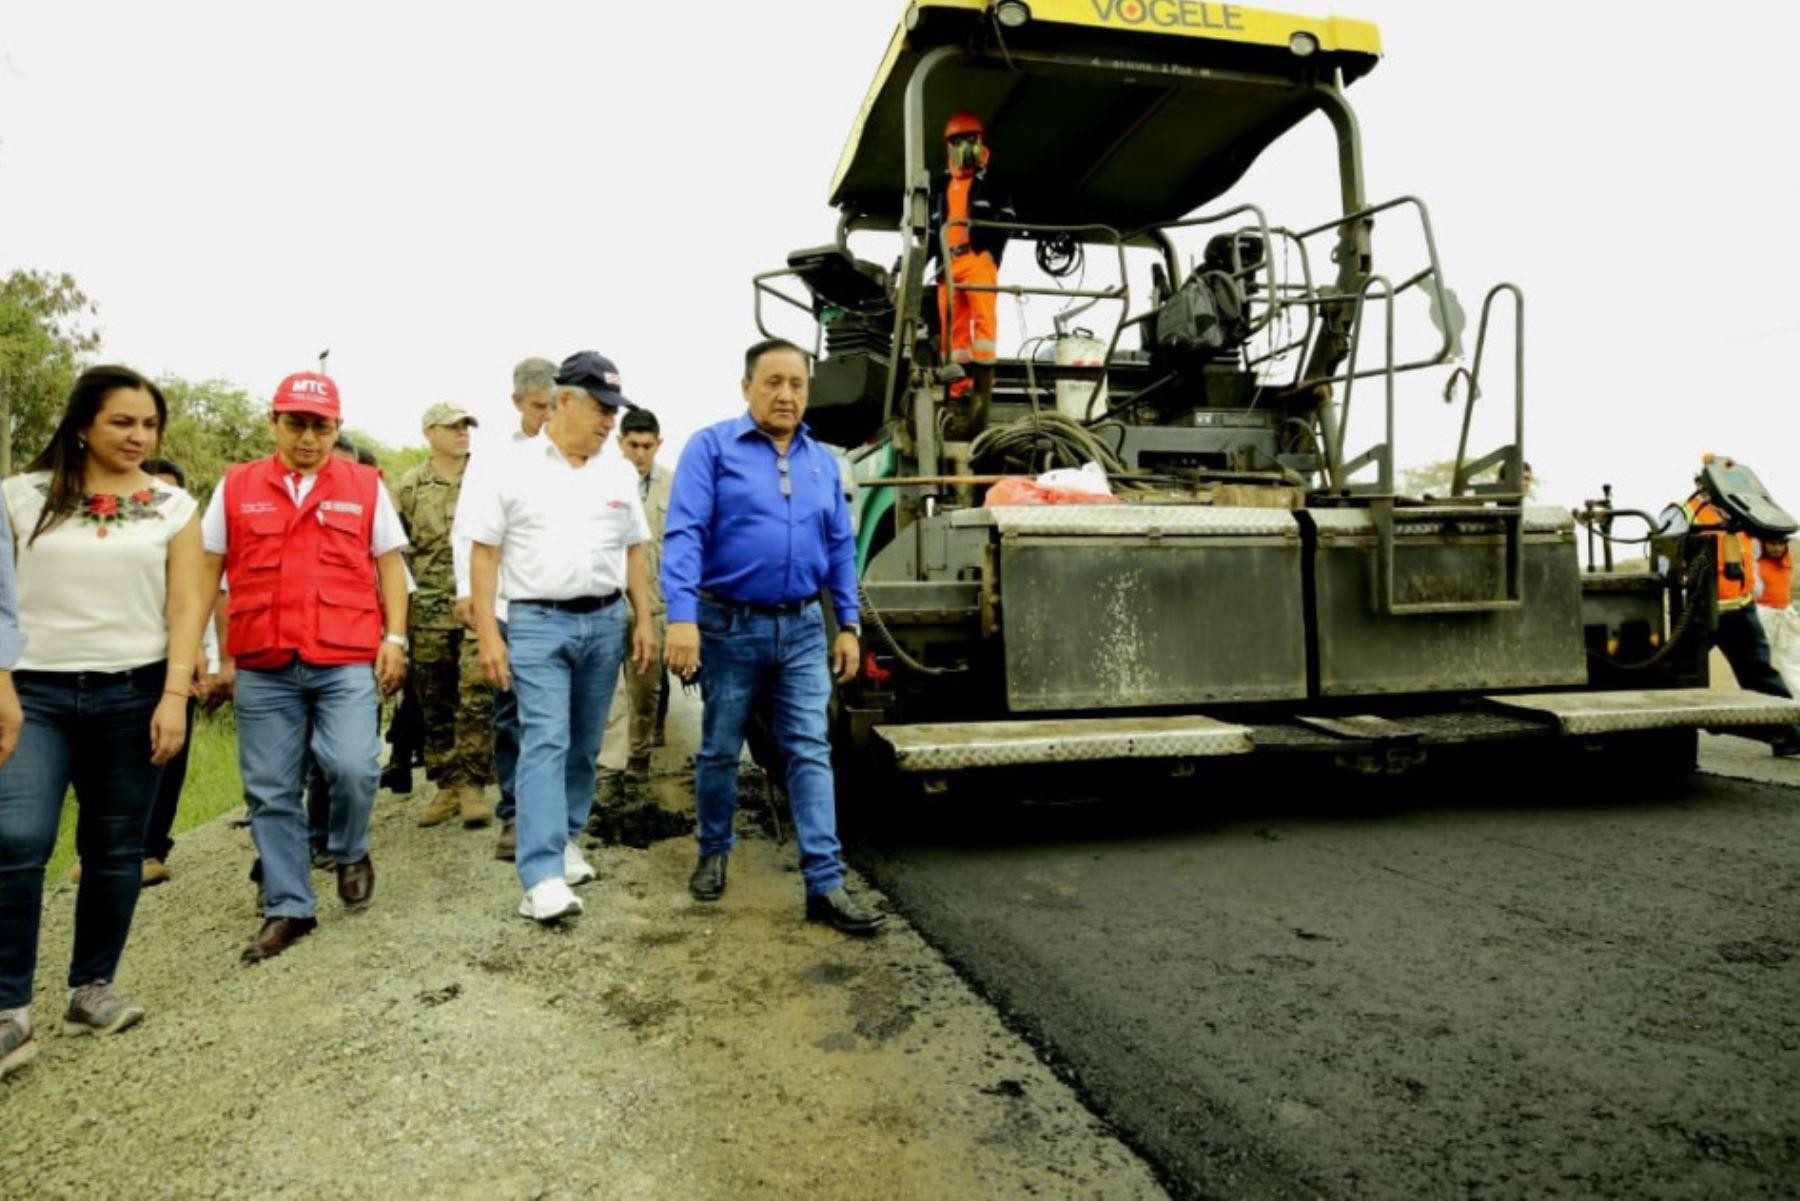 En el marco del Muni Ejecutivo que se realiza en la región Piura, el presidente del Consejo de Ministros, César Villanueva, y el ministro de Transportes y Comunicaciones, Edmer Trujillo, supervisaron el avance de los trabajos de rehabilitación de la carretera Sullana-Talara, que beneficiará a más de 100,000 pobladores.